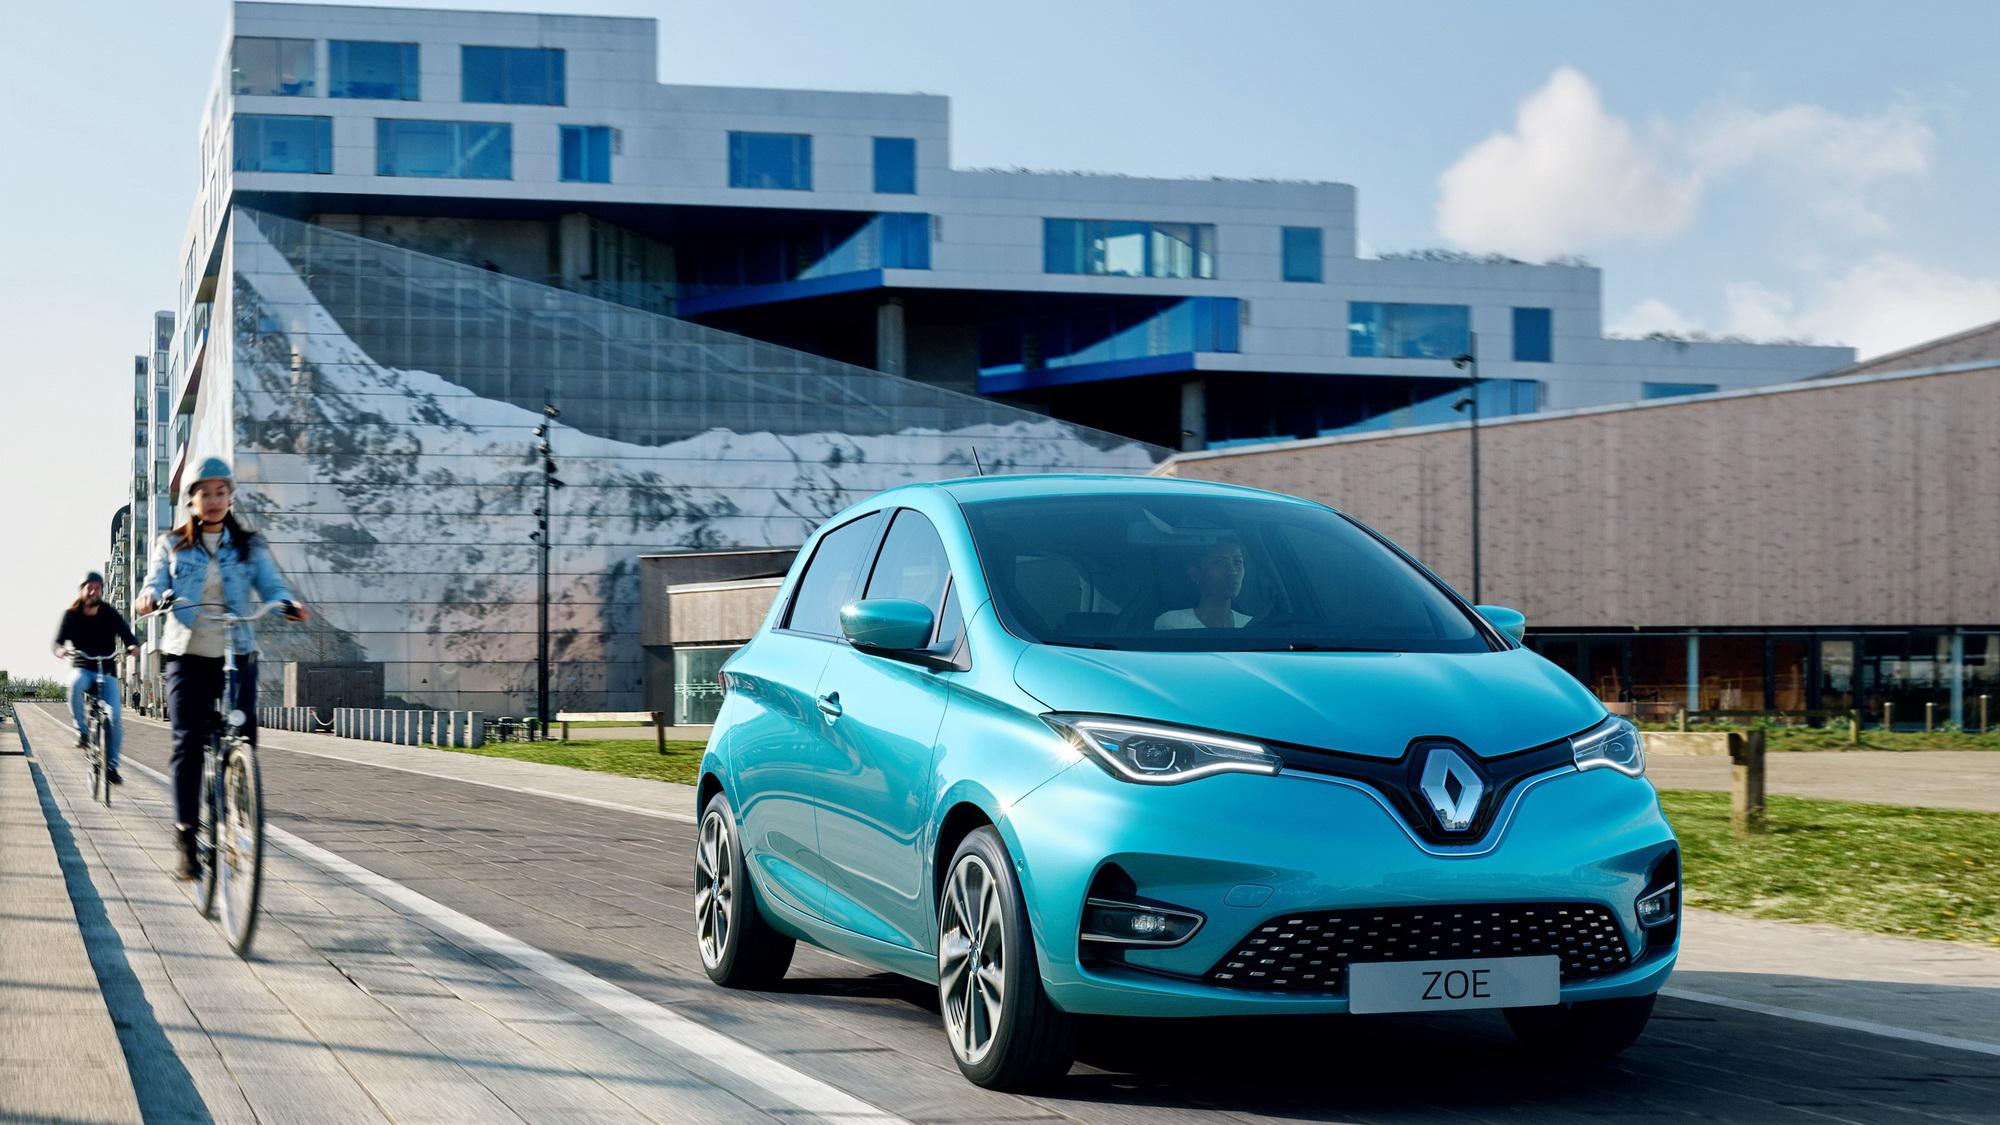 Η Renault ξεπέρασε σε πωλήσεις τα 300.000 ηλεκτρικά αυτοκίνητα